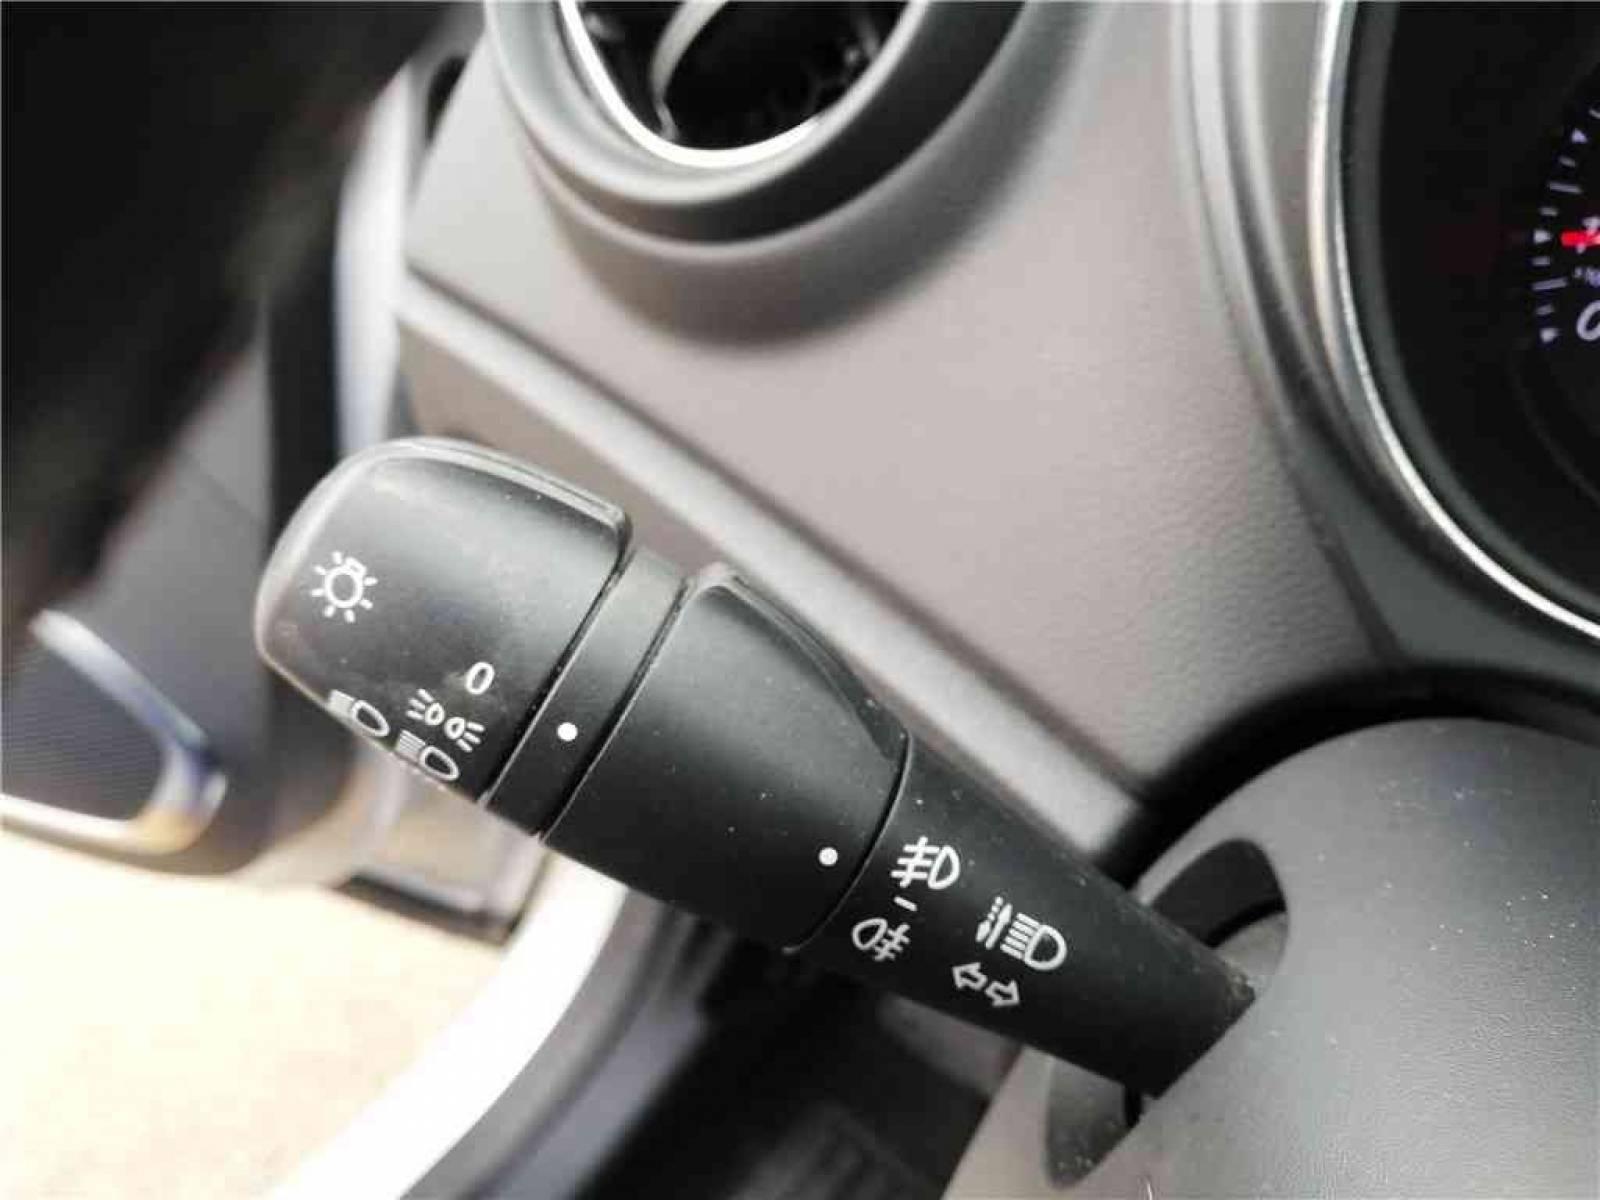 RENAULT Captur TCe 90 - véhicule d'occasion - Groupe Guillet - Opel Magicauto - Chalon-sur-Saône - 71380 - Saint-Marcel - 18